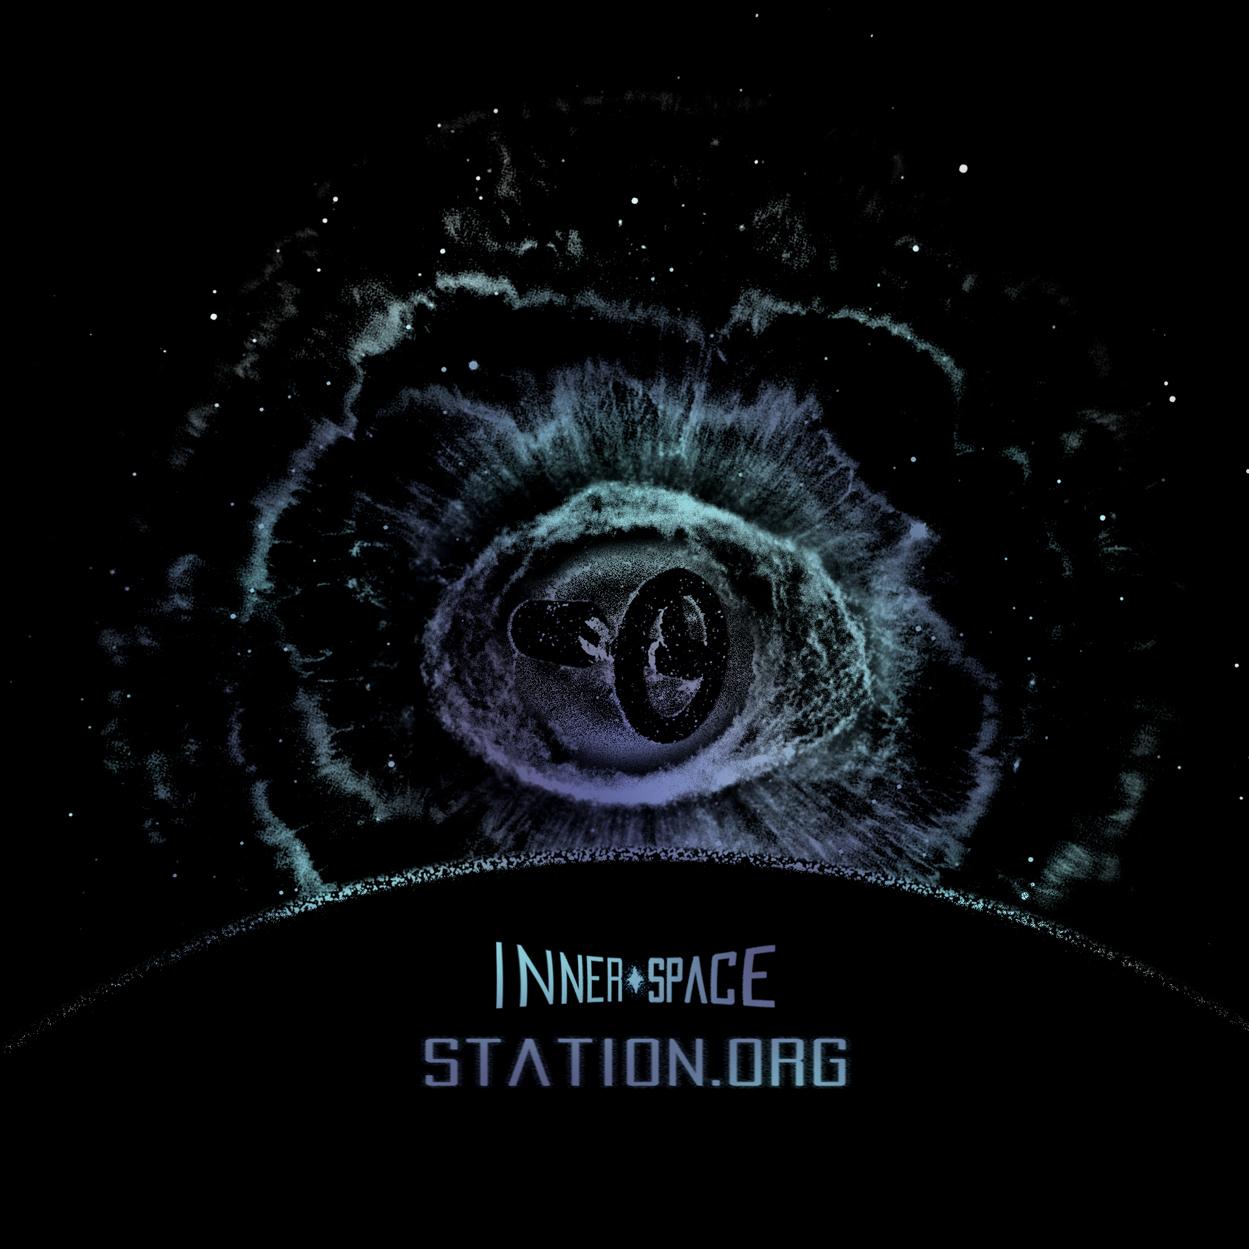 Innerspacestation.org